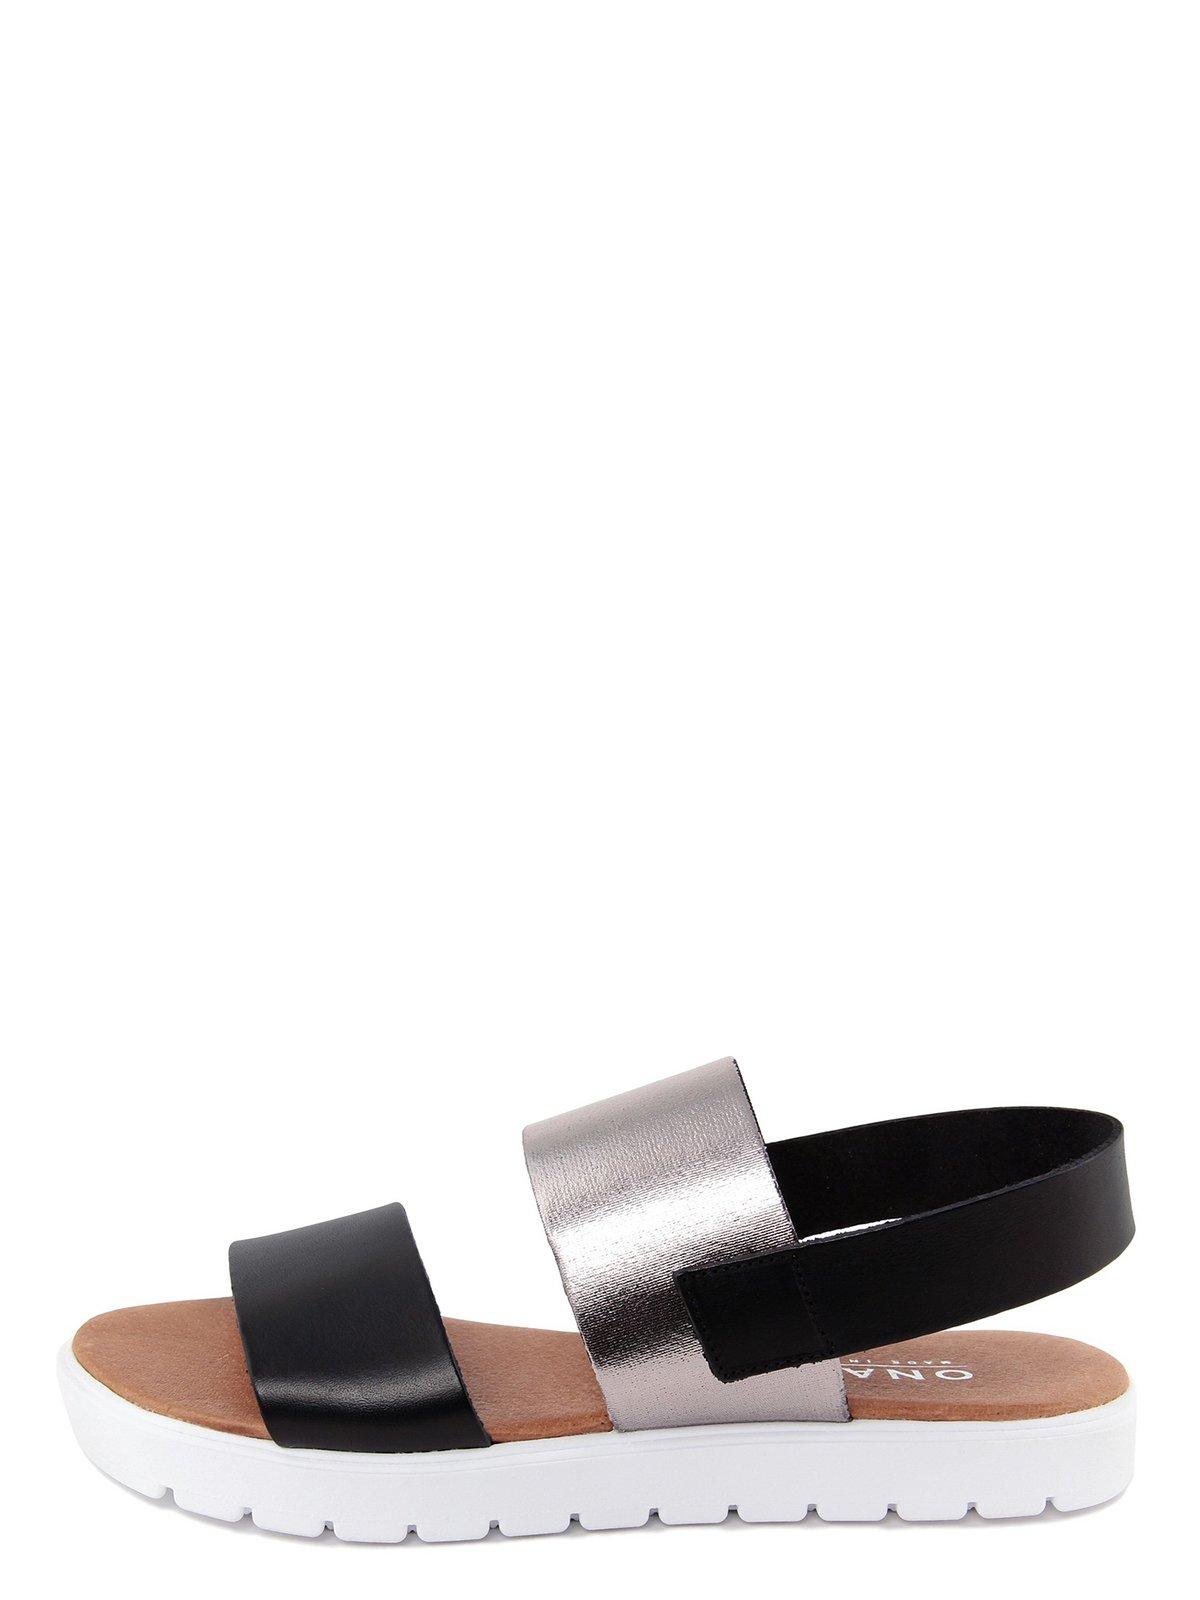 Сандалії сріблясто-чорні | 3435491